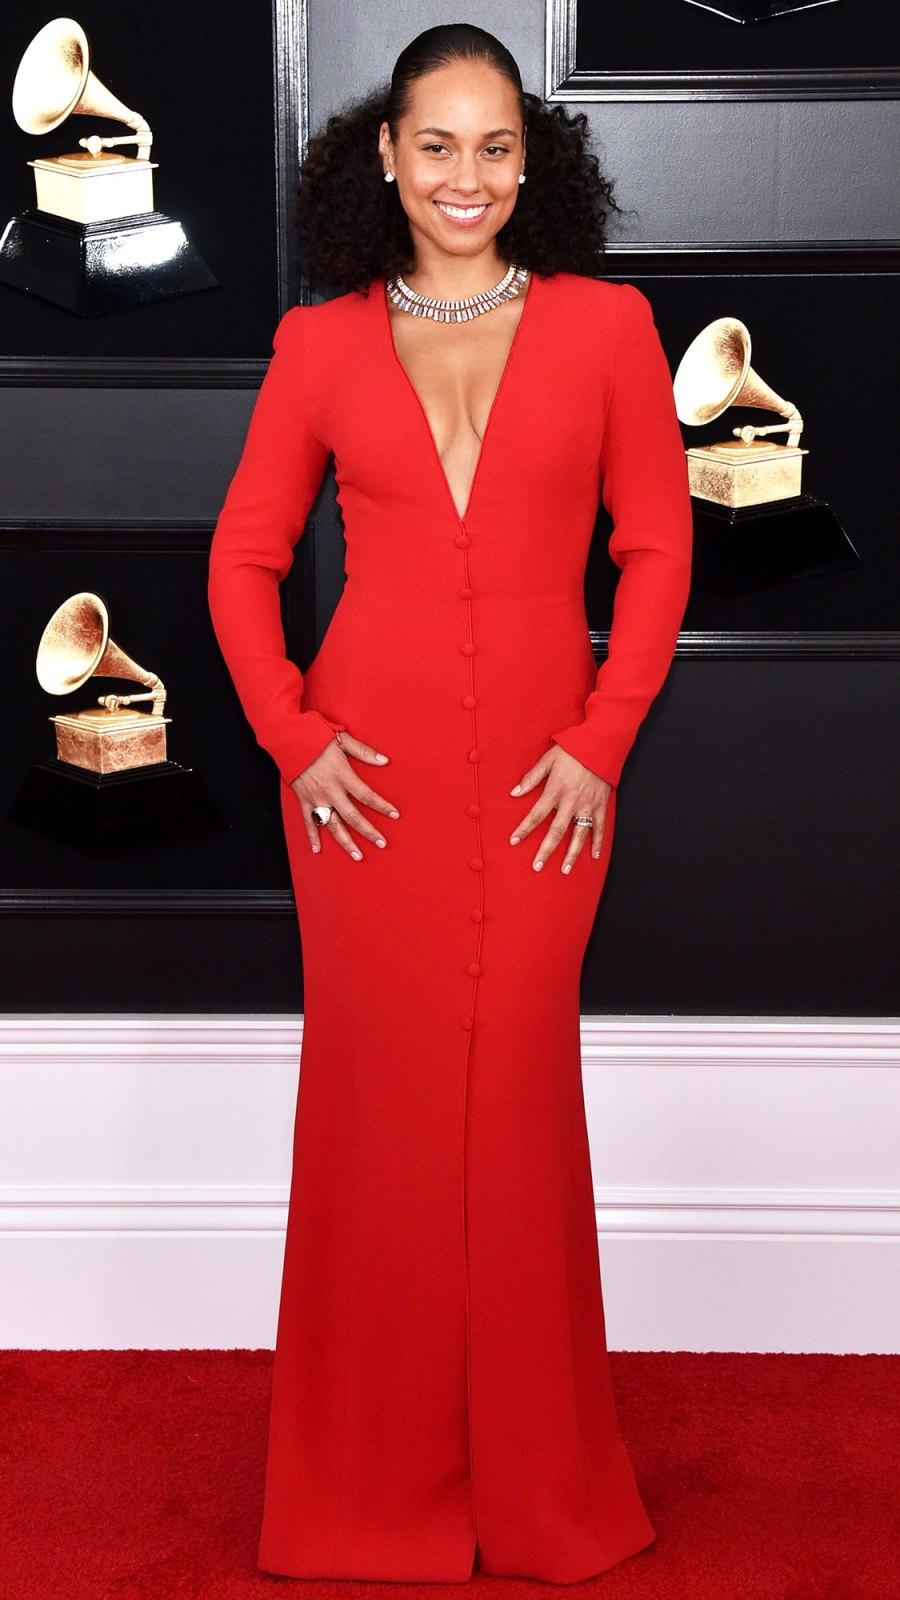 Alicia Keys grammys 2019